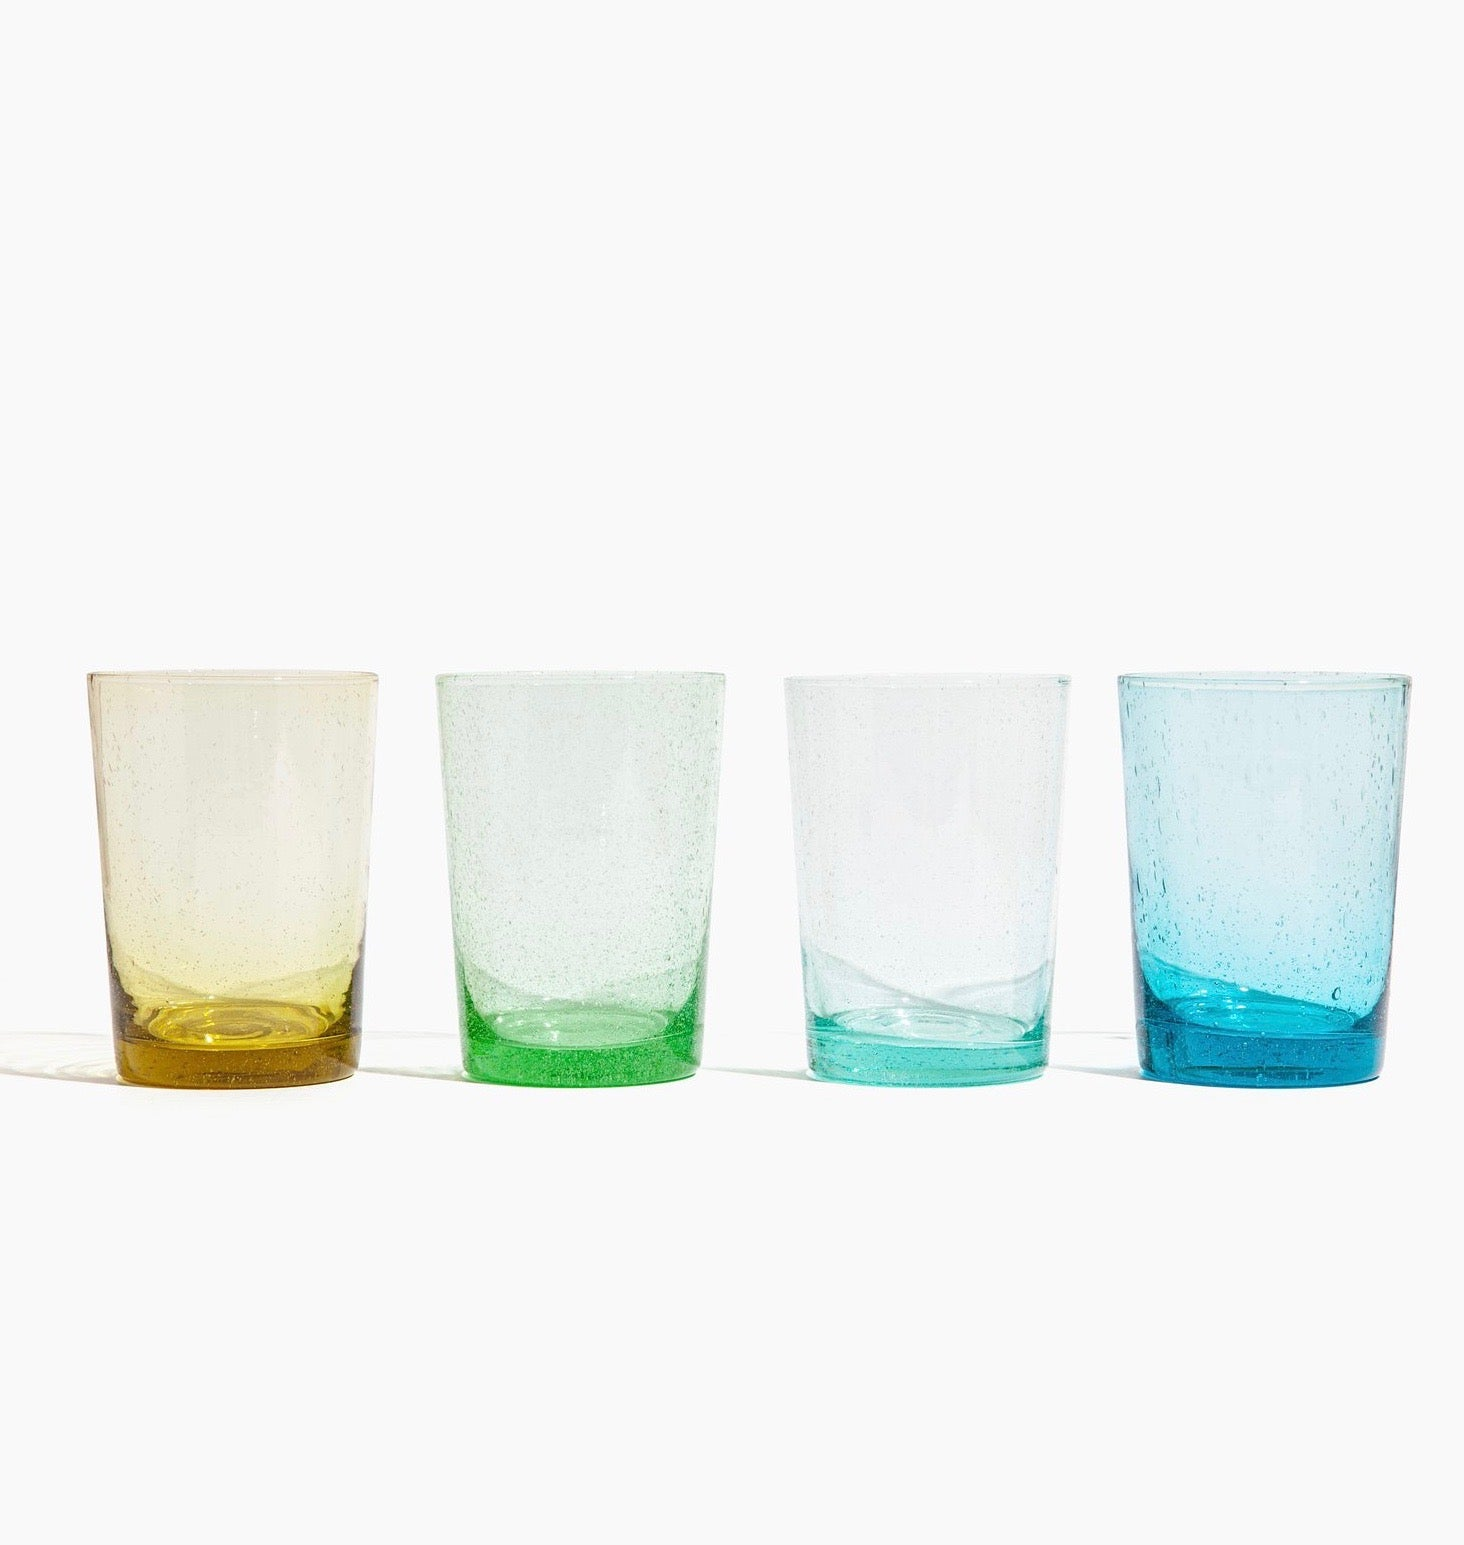 Colored-Bubble-Glass-S4-01_1920x